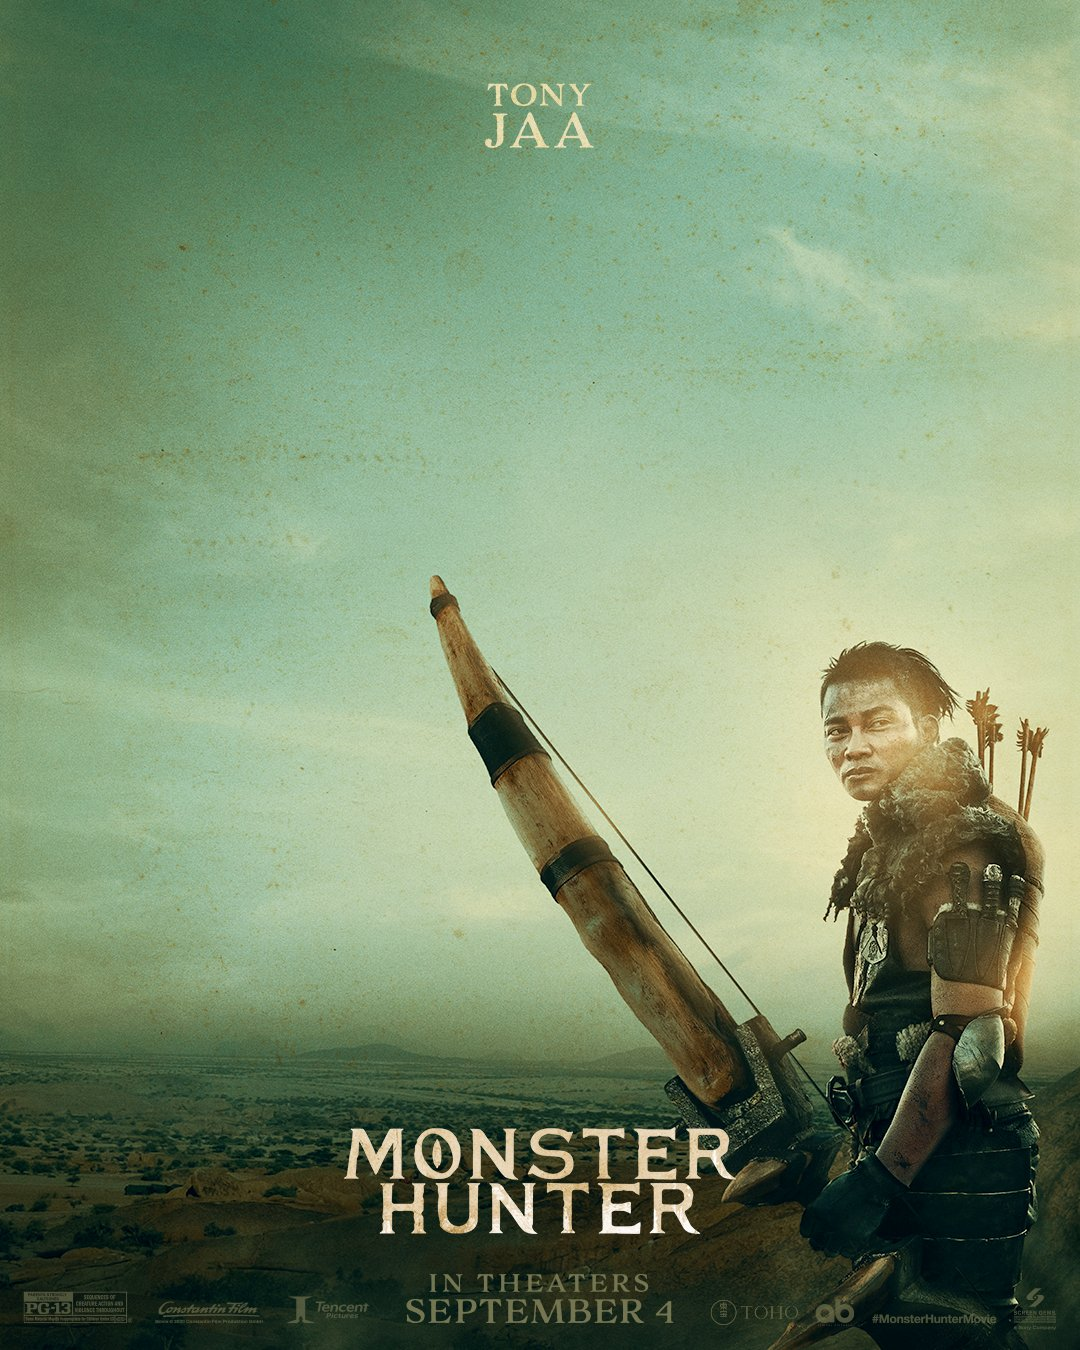 Monster Hunter Tony Jaa